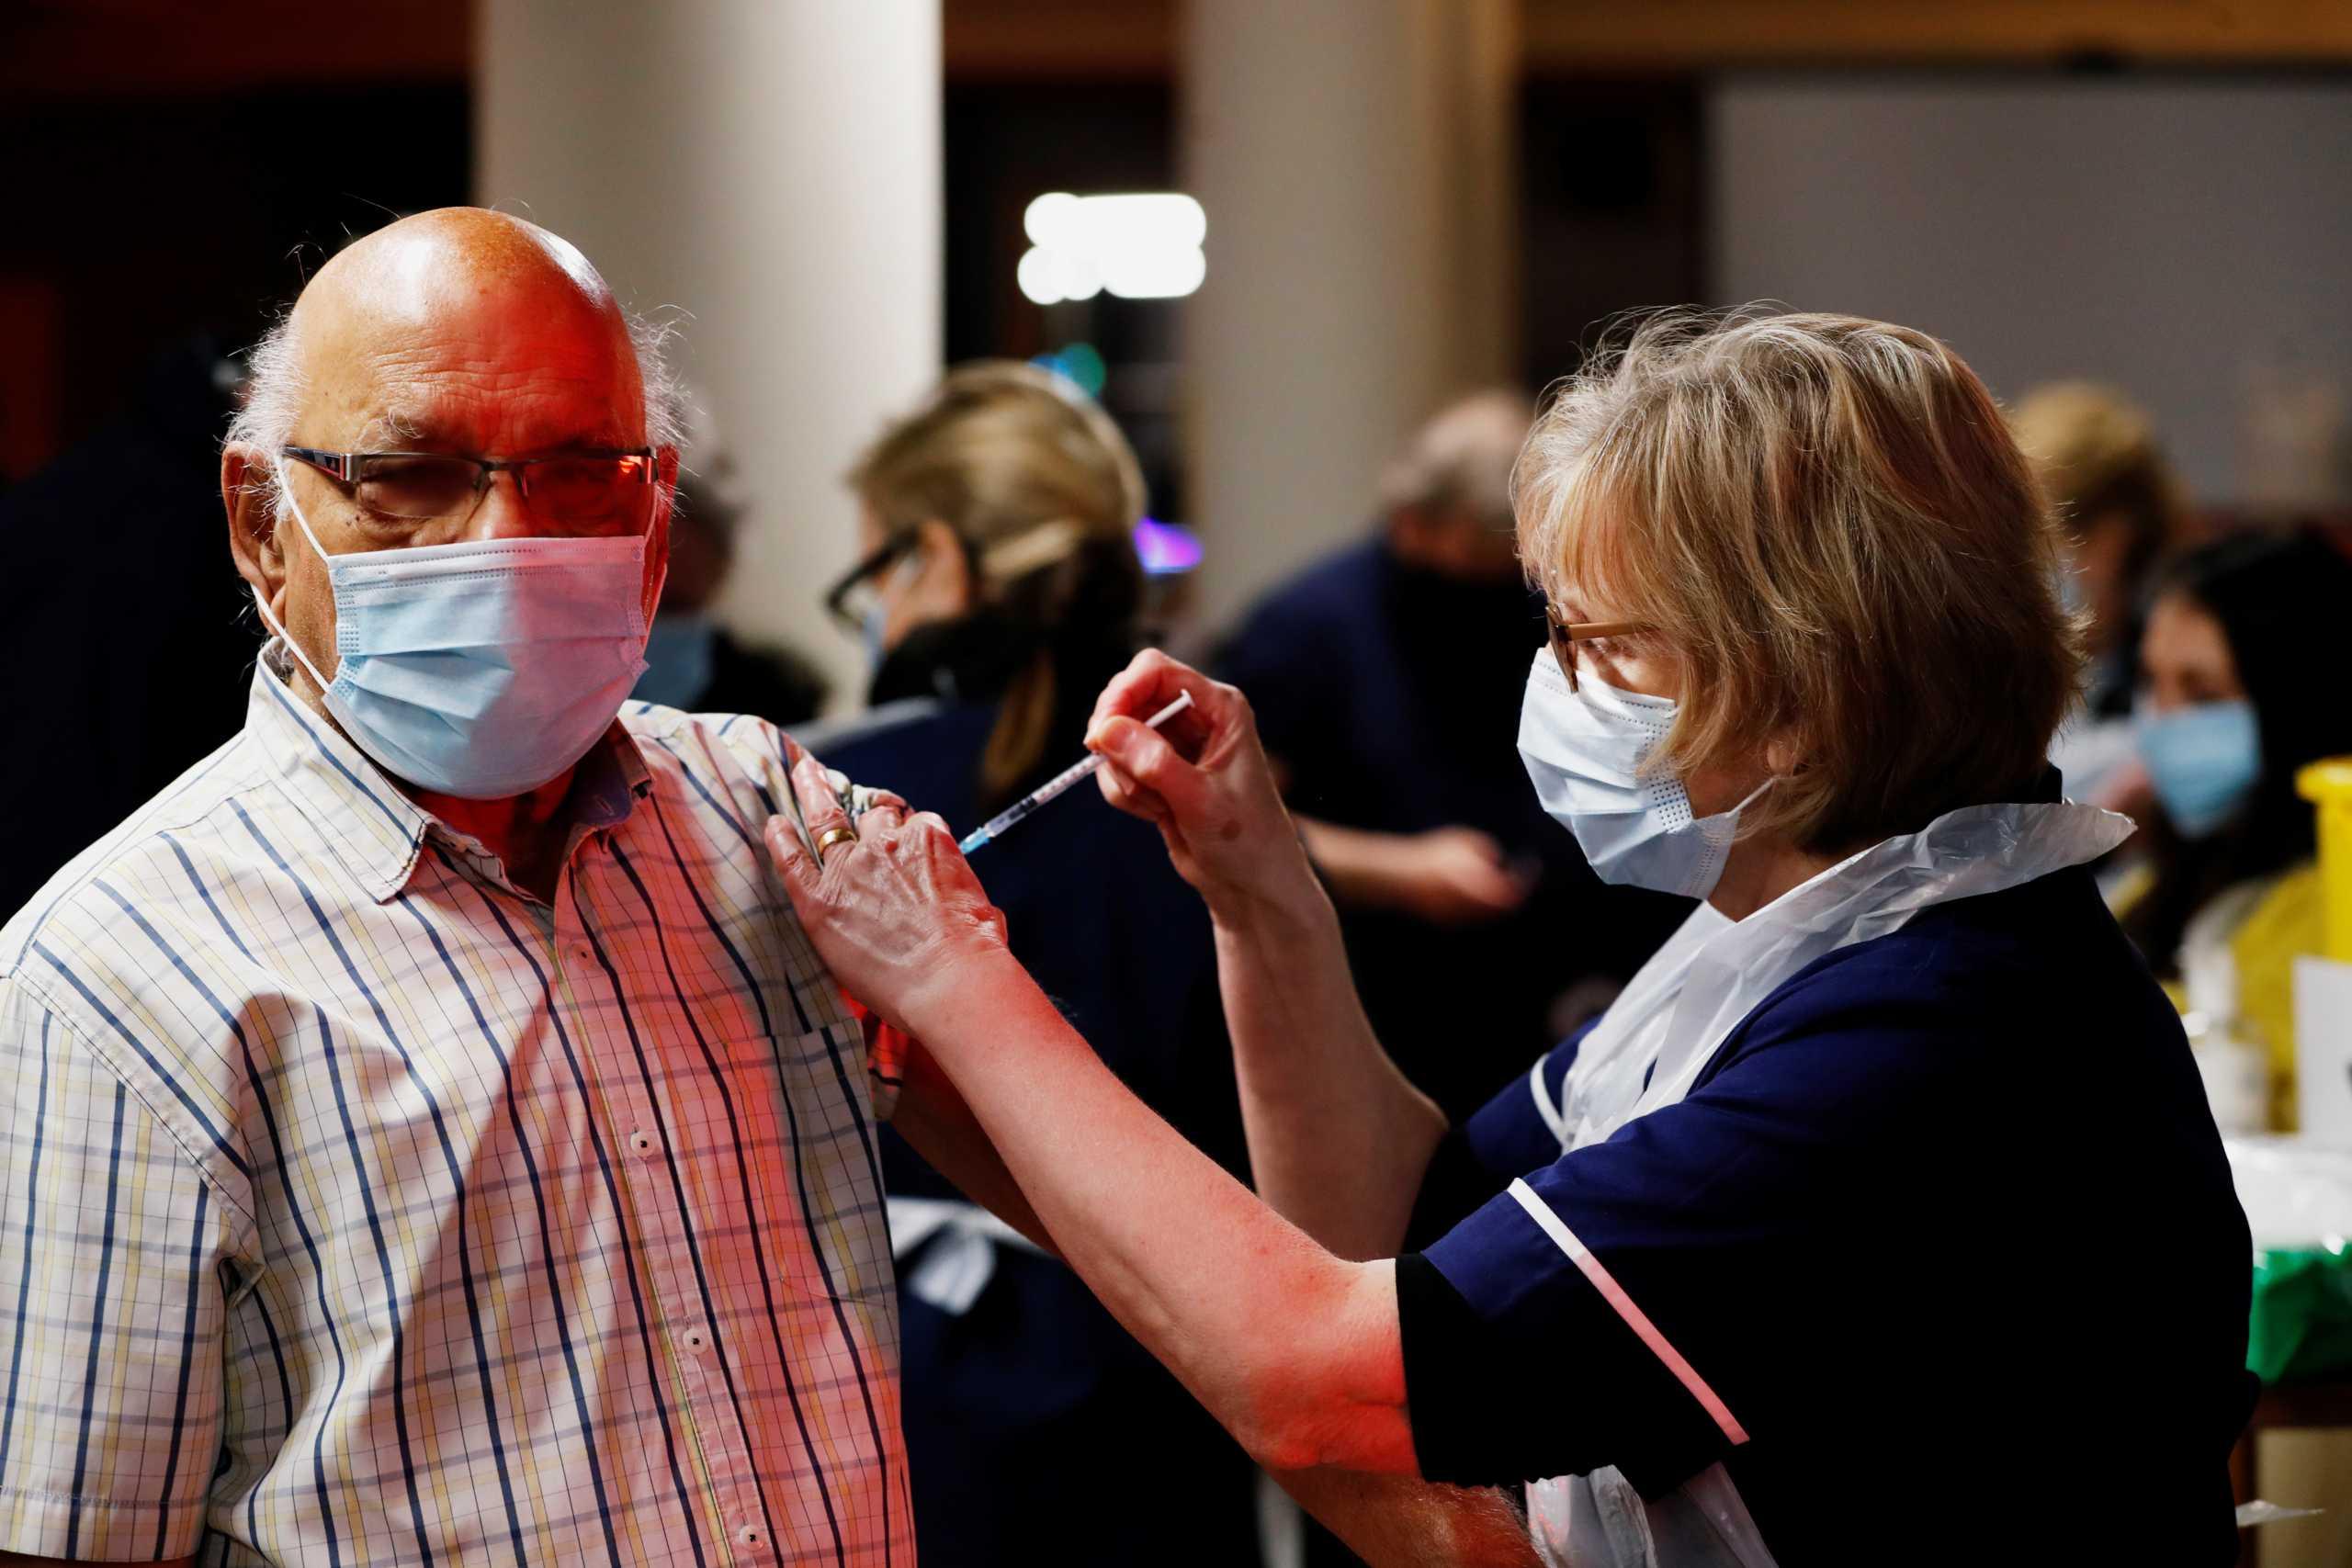 Πως θα αλλάξει η καθημερινότητα μετά τον εμβολιασμό κατά του κορονοϊού; Ερωτήσεις και απαντήσεις